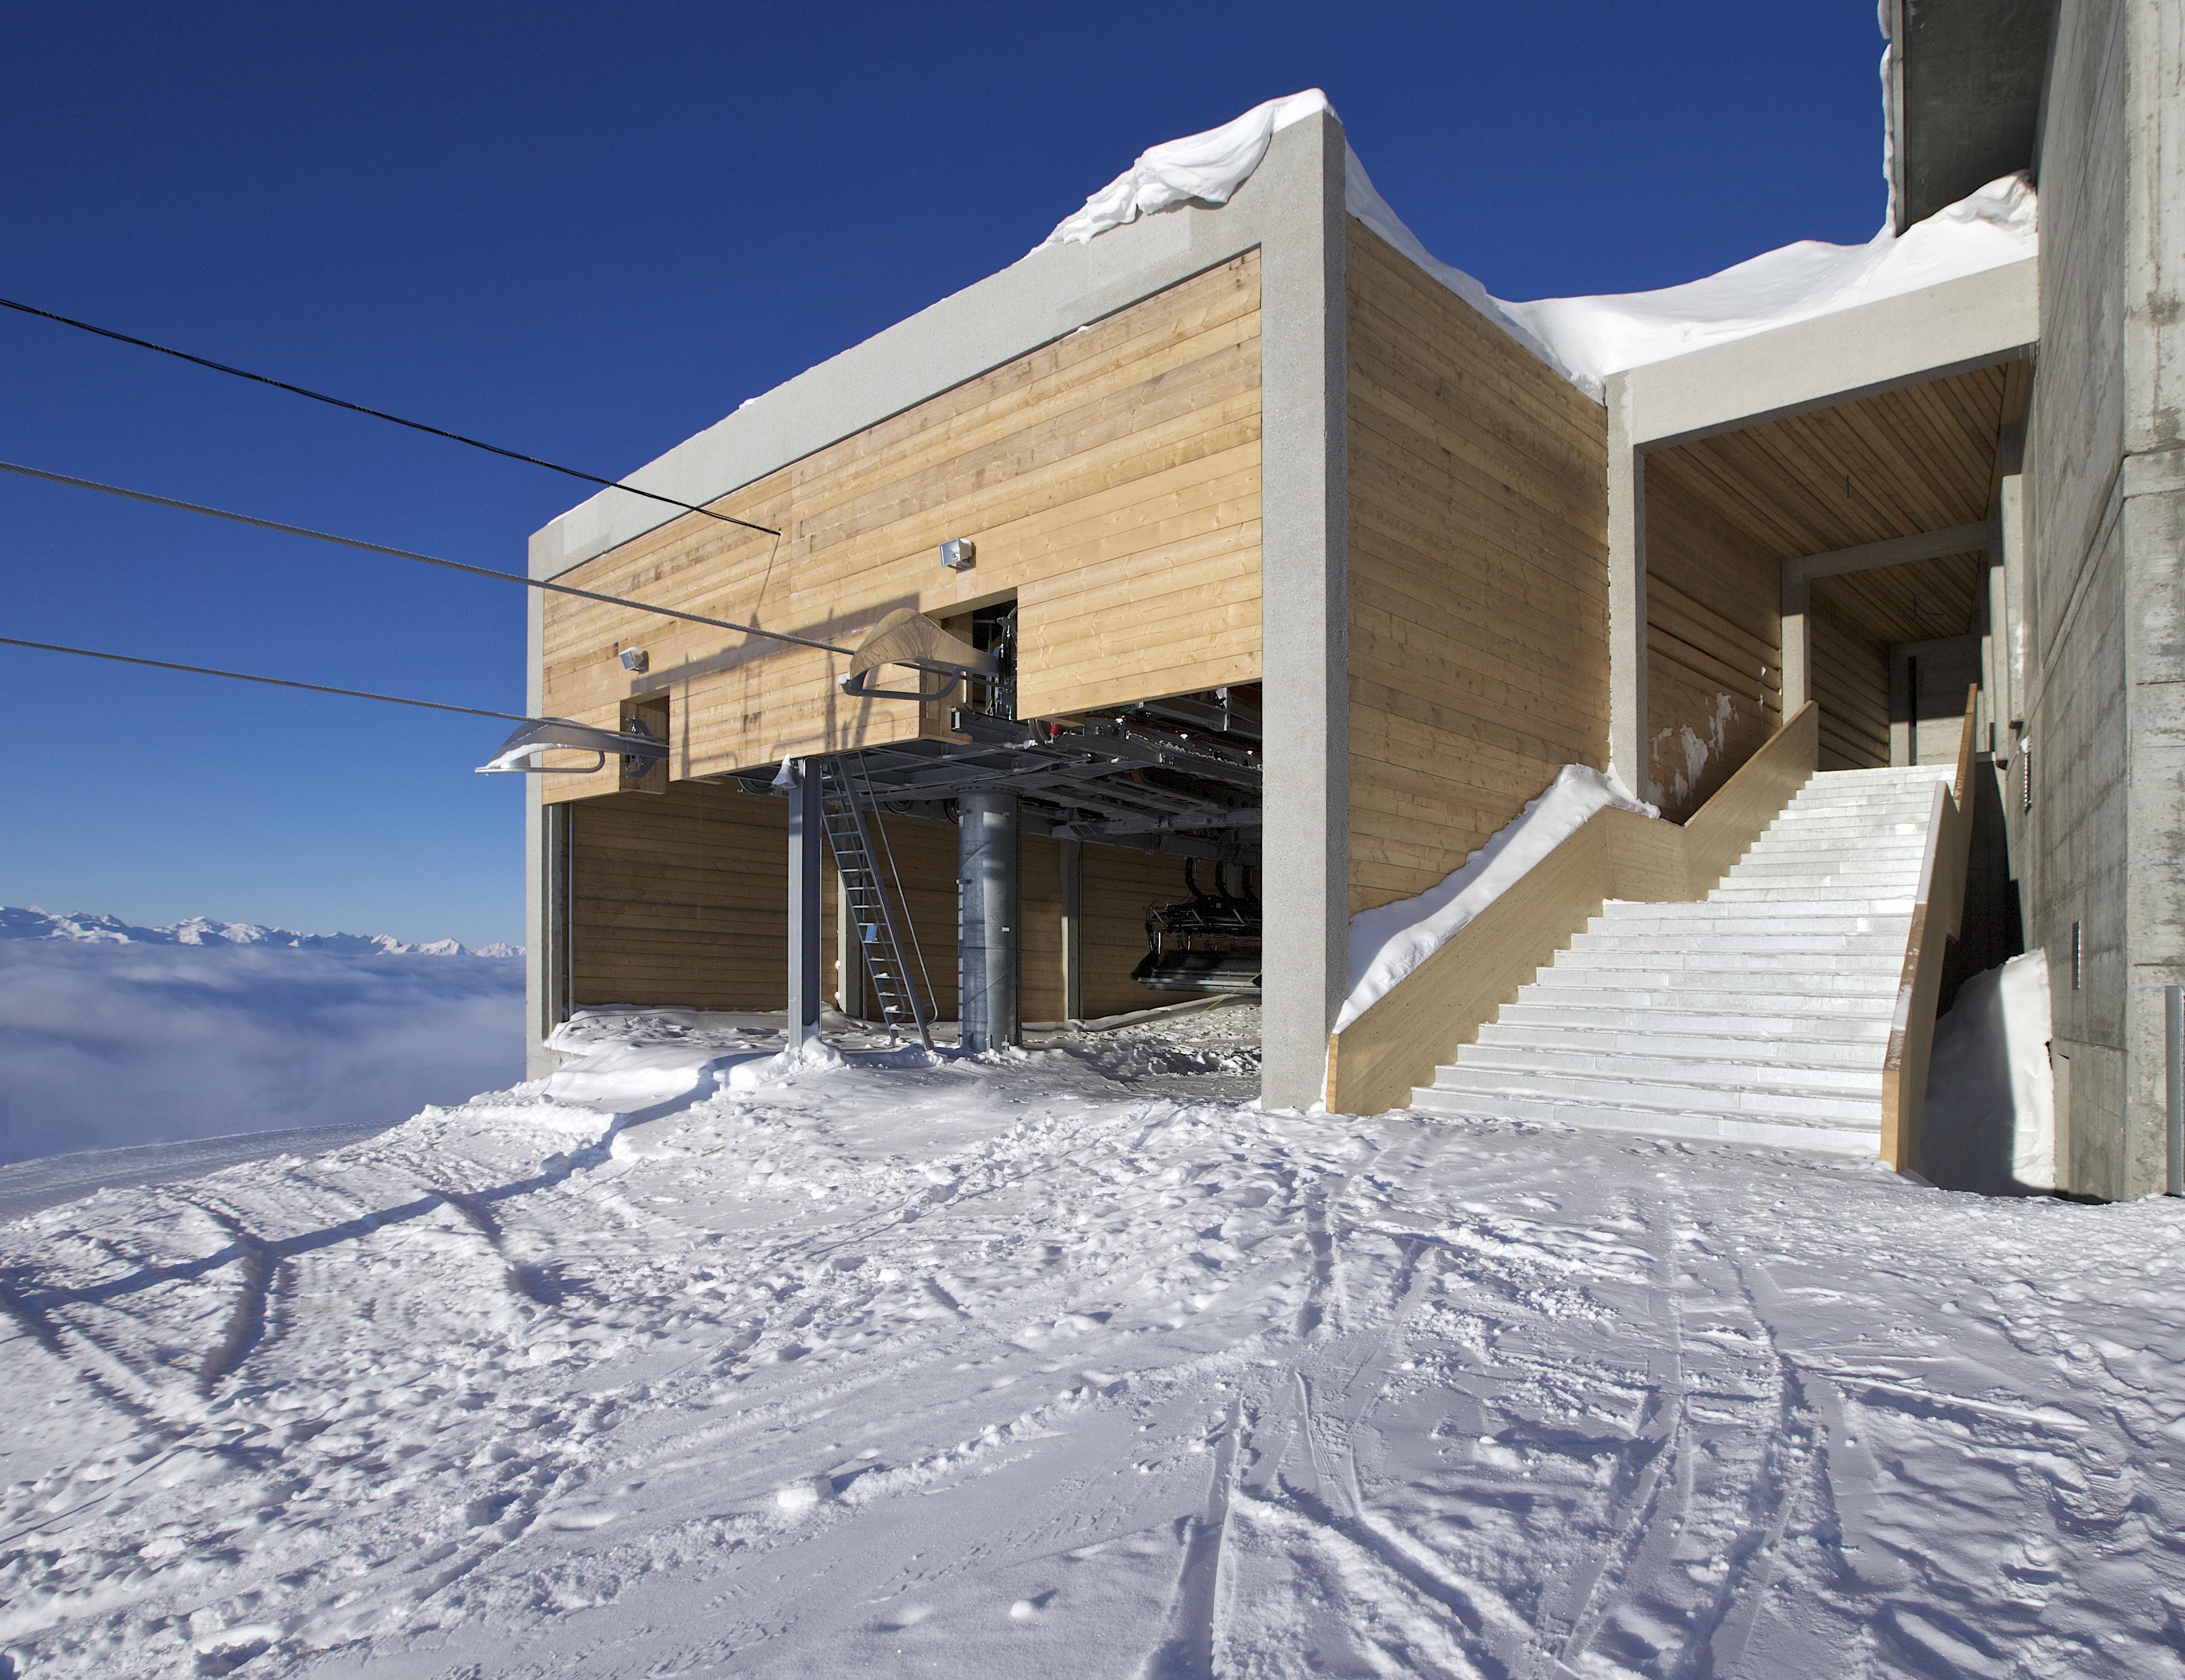 Stationen Holz, © Weisse Arena Bergbahnen AG, Gaudenz Danuser